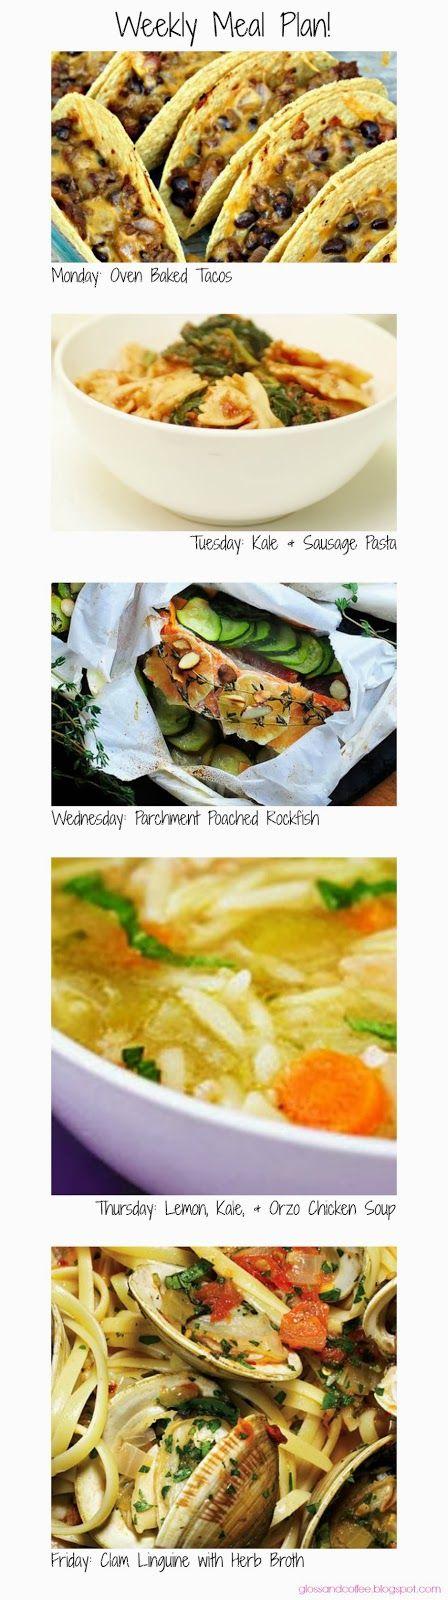 ... Poached Rockfish // Lemon, Kale, & Orzo Chicken Soup // Clam Linguine